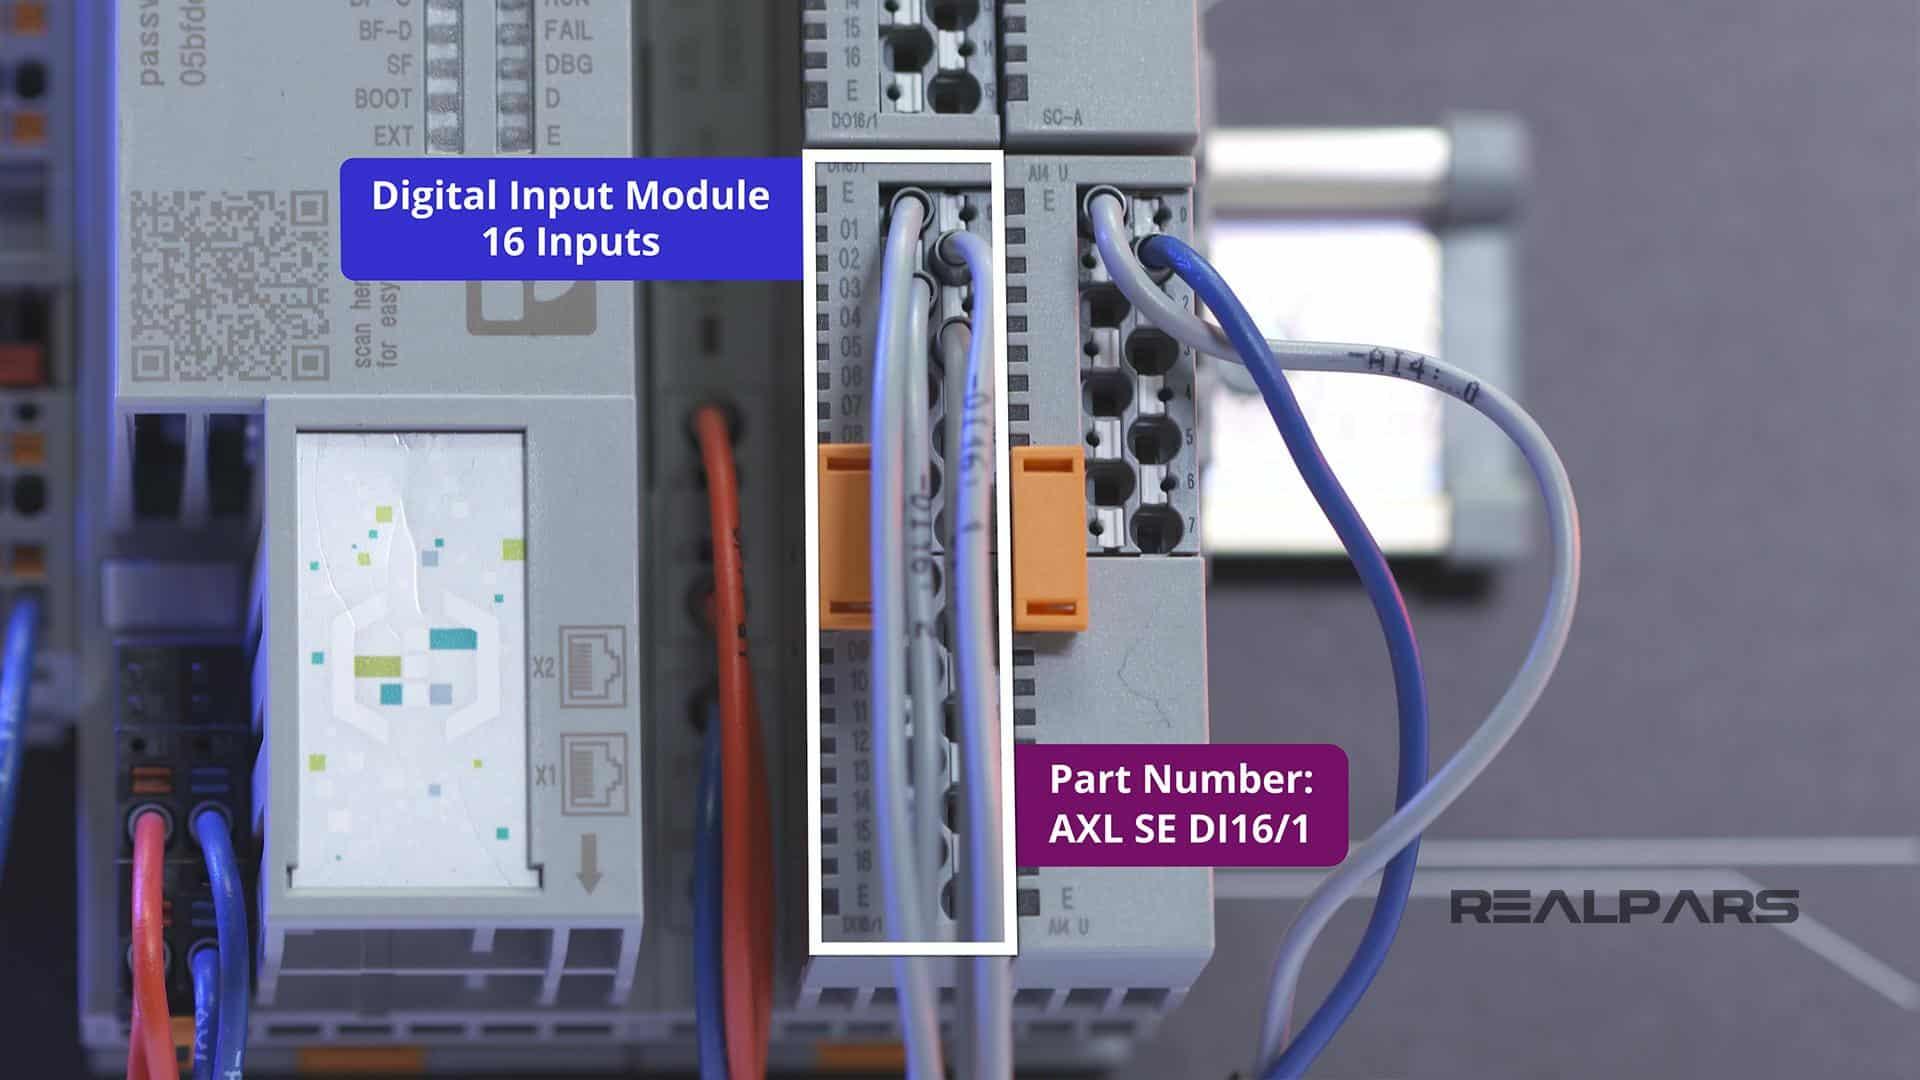 AXL SE DI16 1Digital Input Module